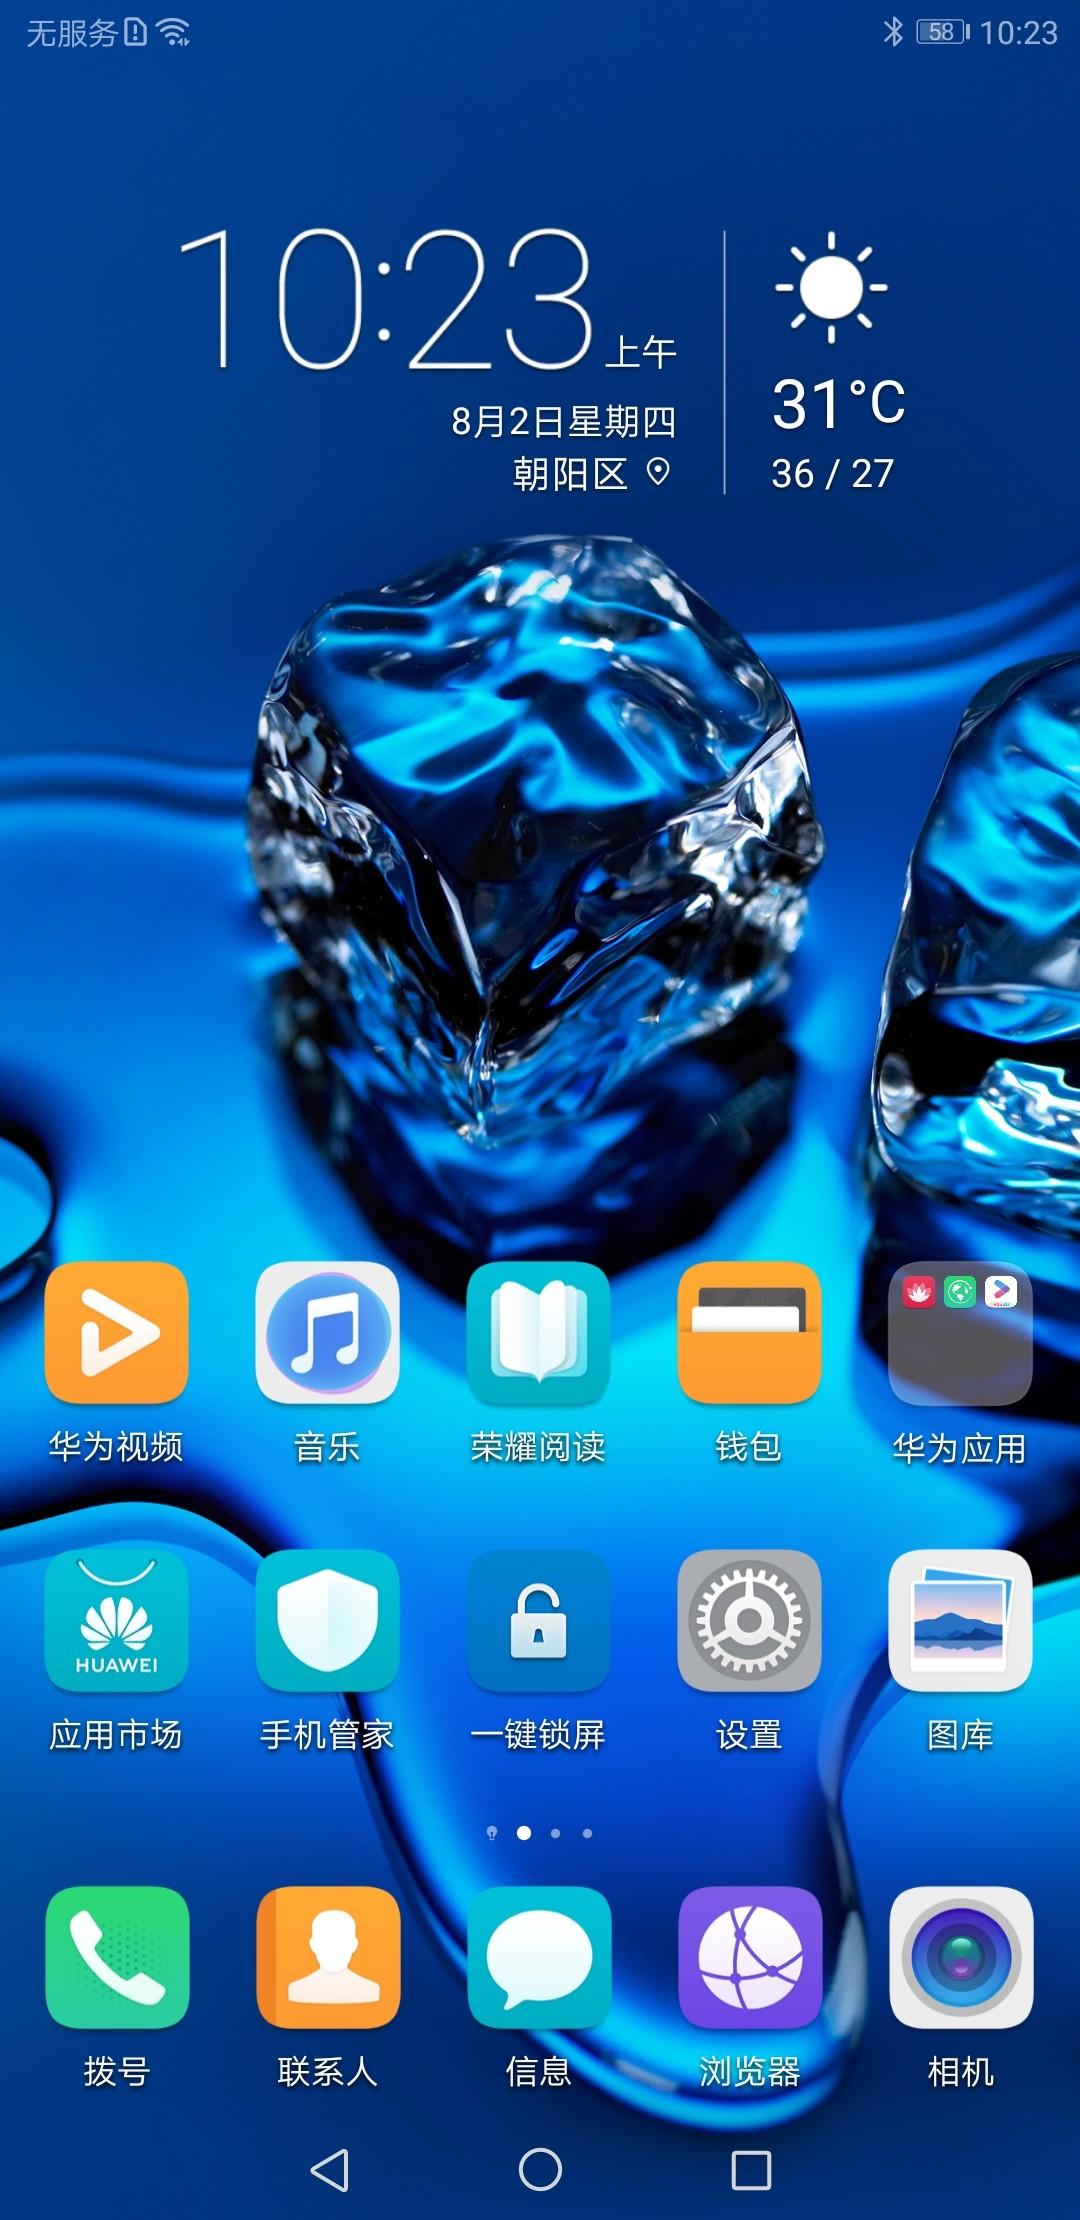 荣耀Note10(8+128GB)手机功能界面第1张